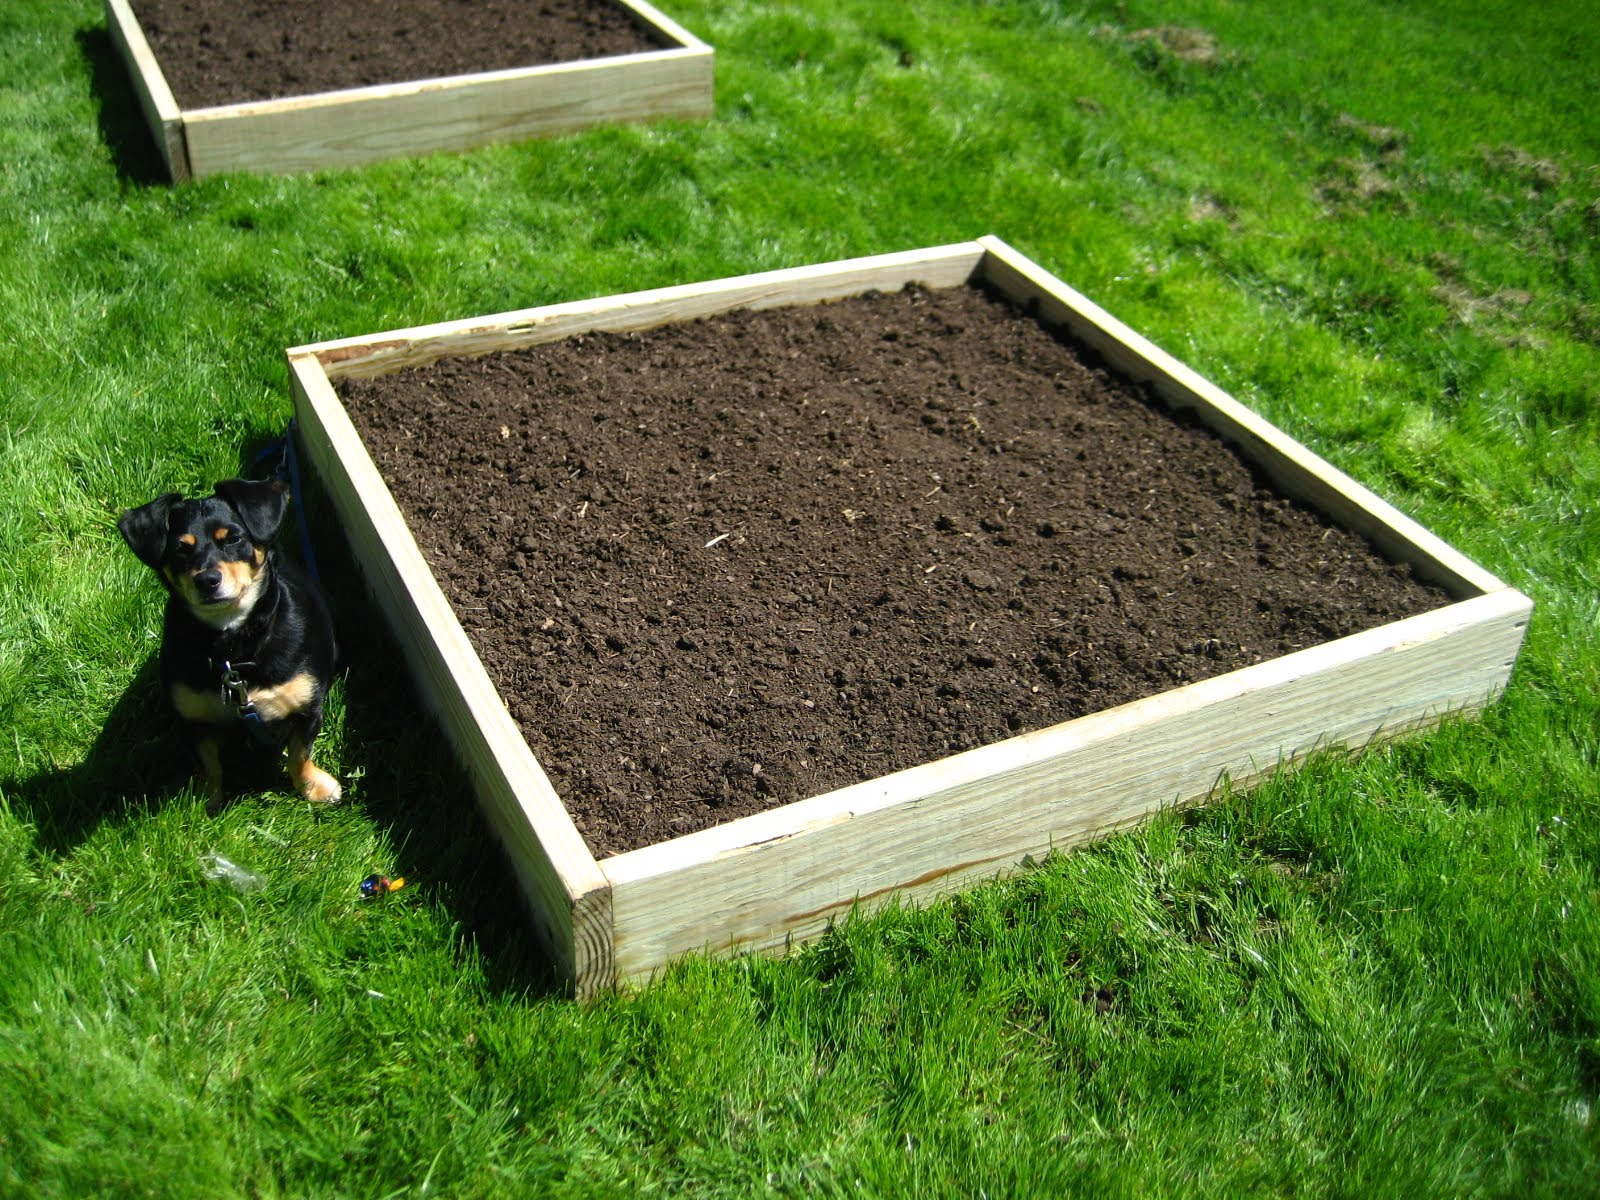 Earthworms in your garden